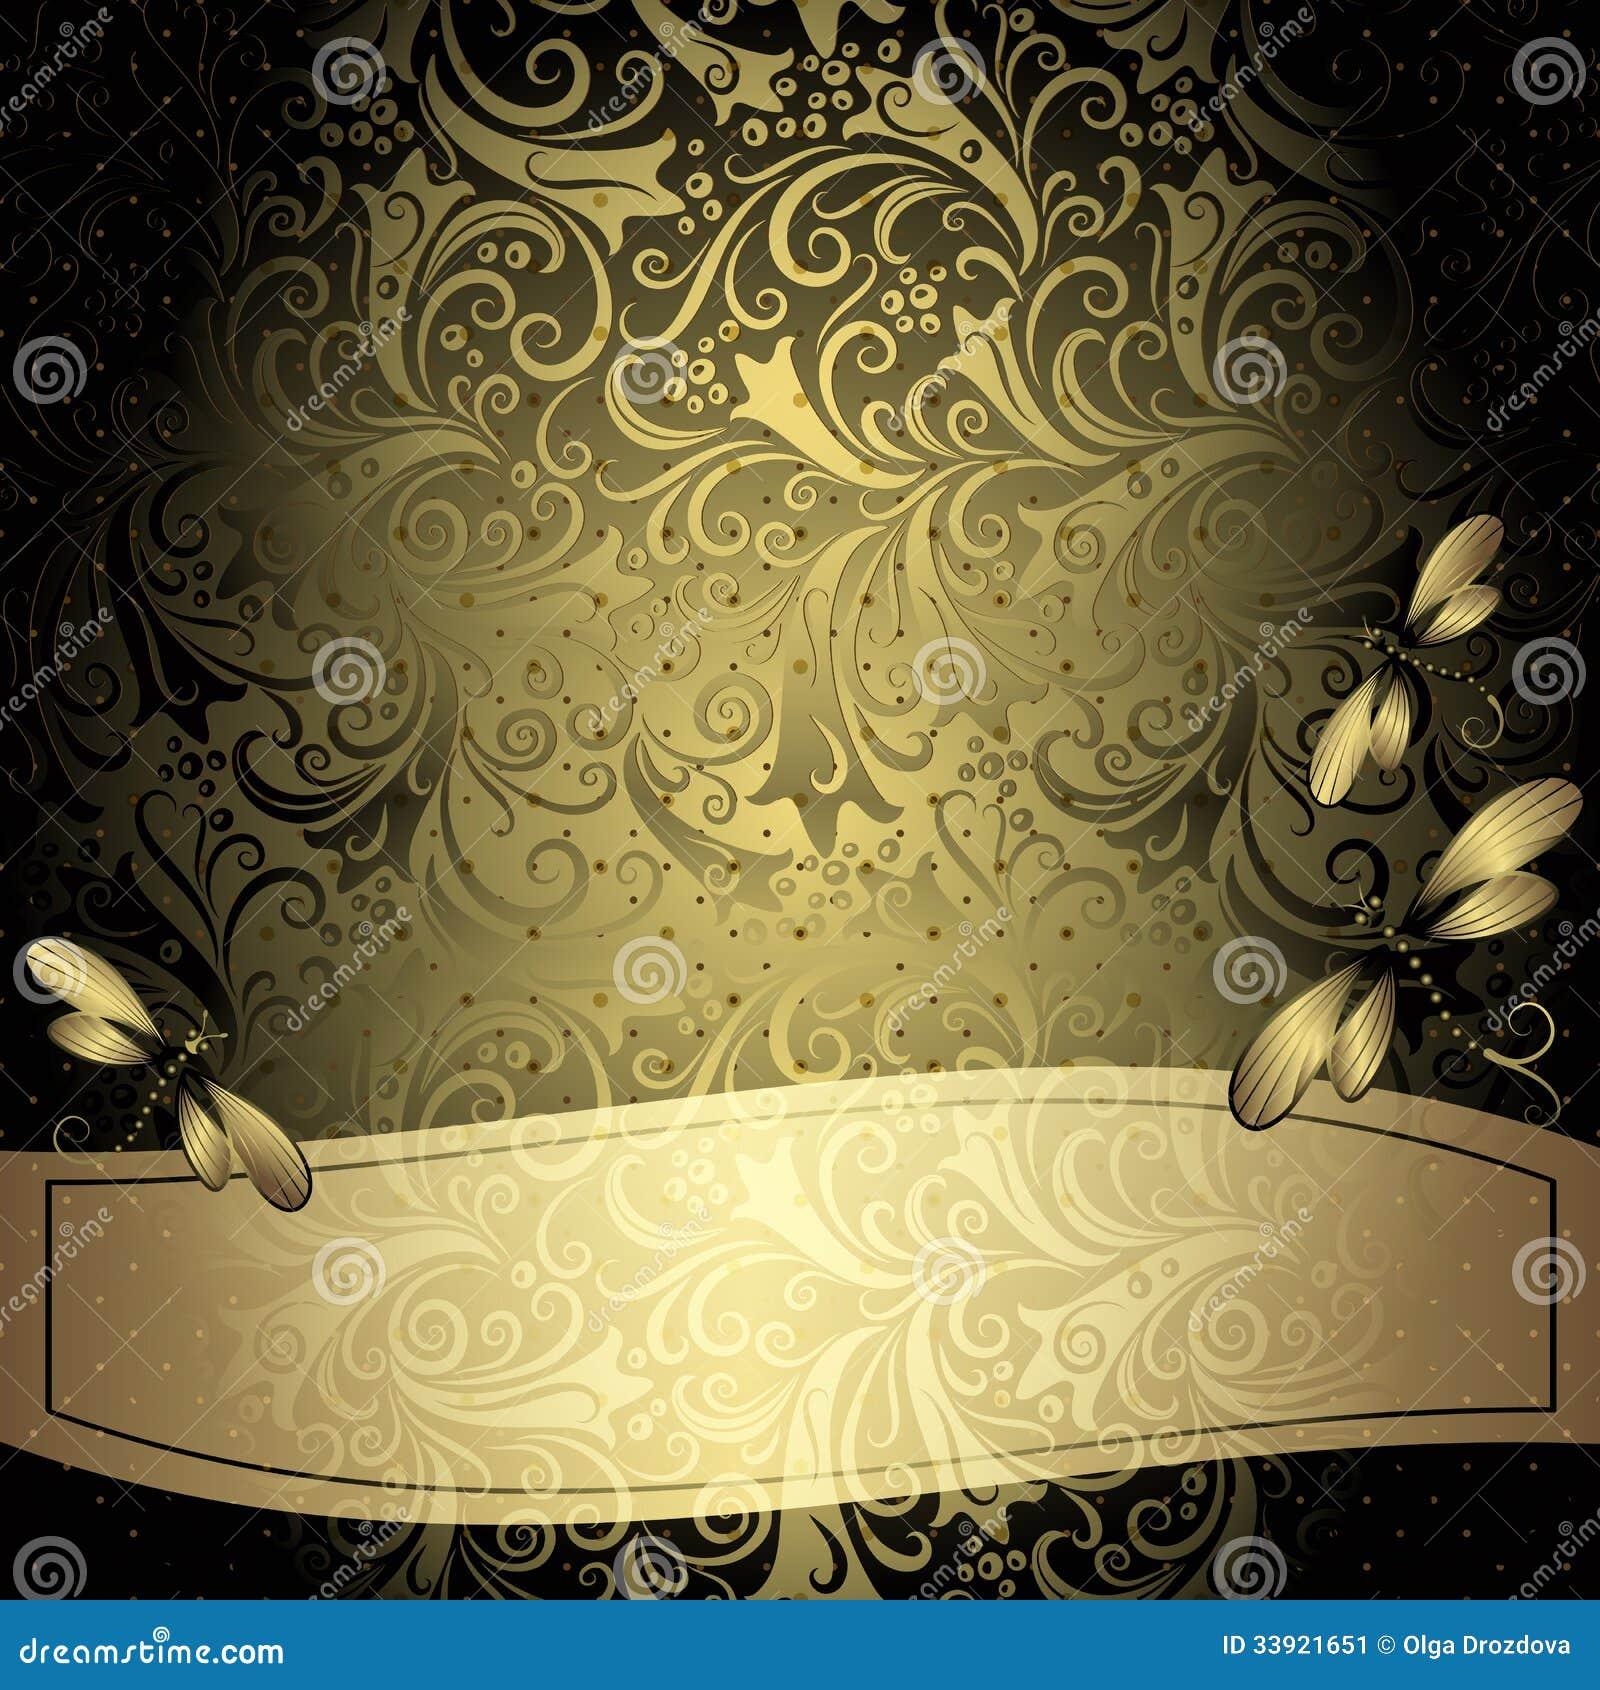 Lace Wedding Invitation is nice invitations ideas